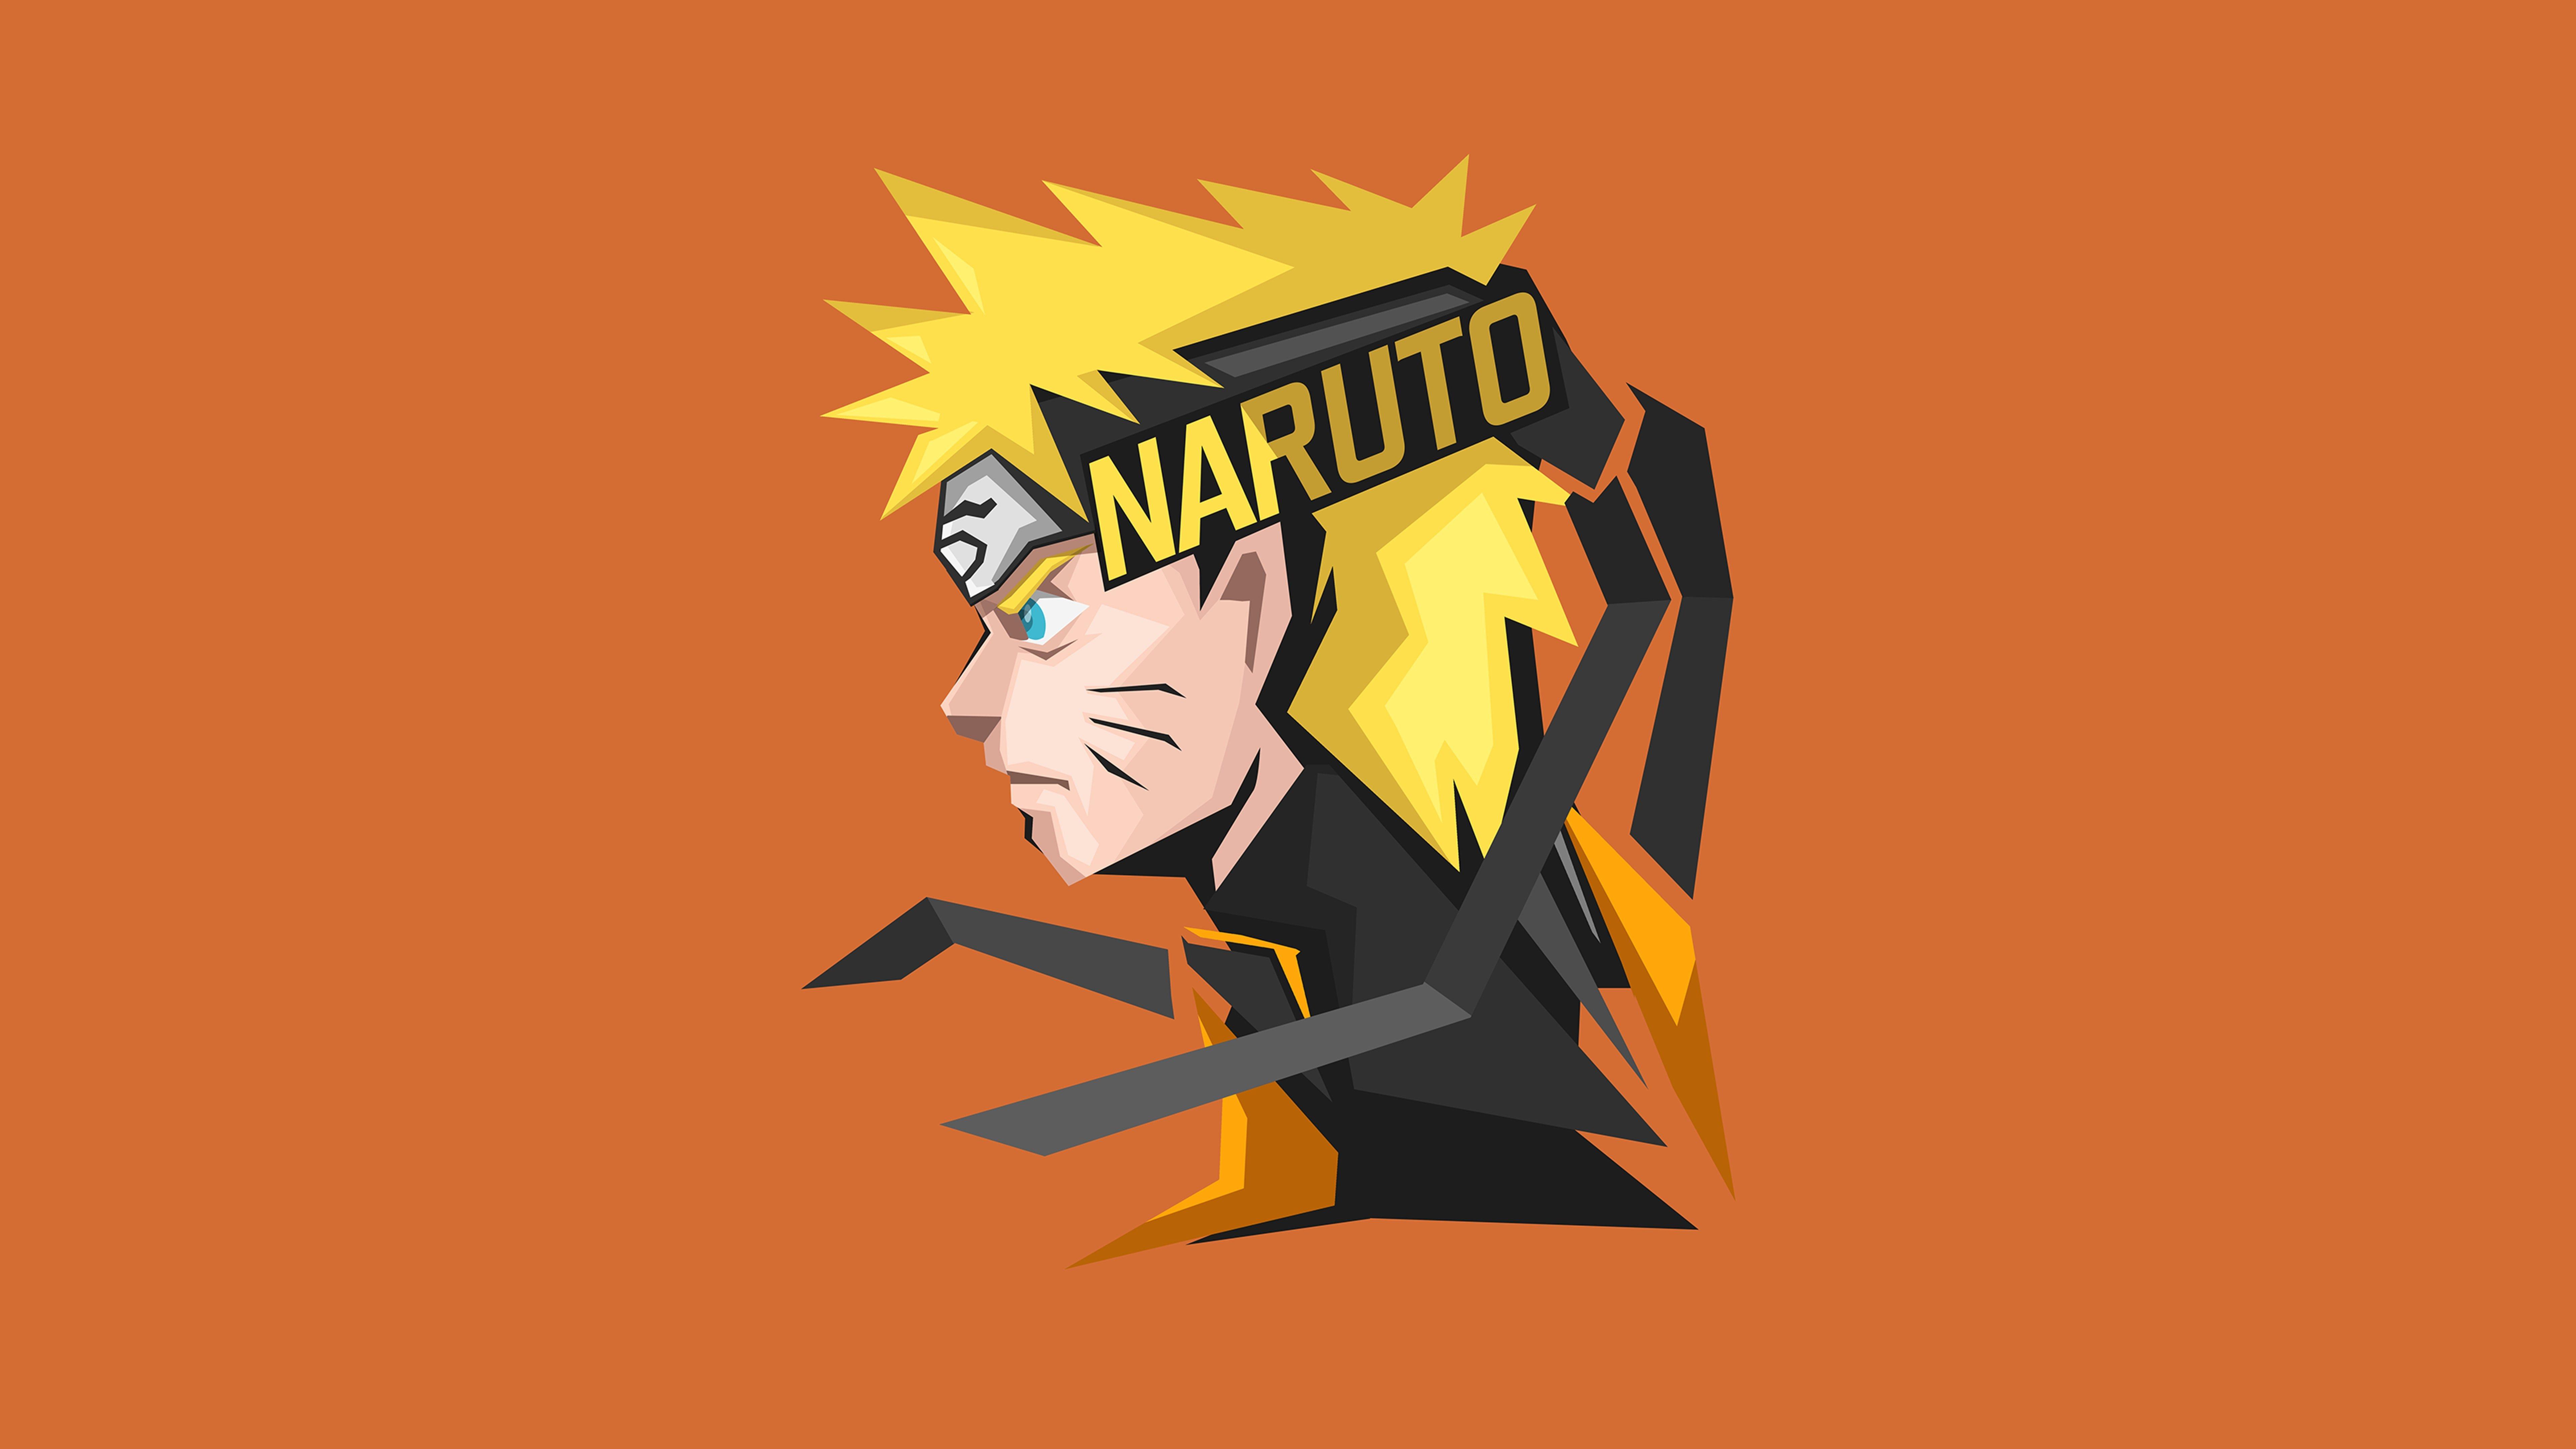 Fondos de pantalla Anime Naruto Uzumaki Ilustración